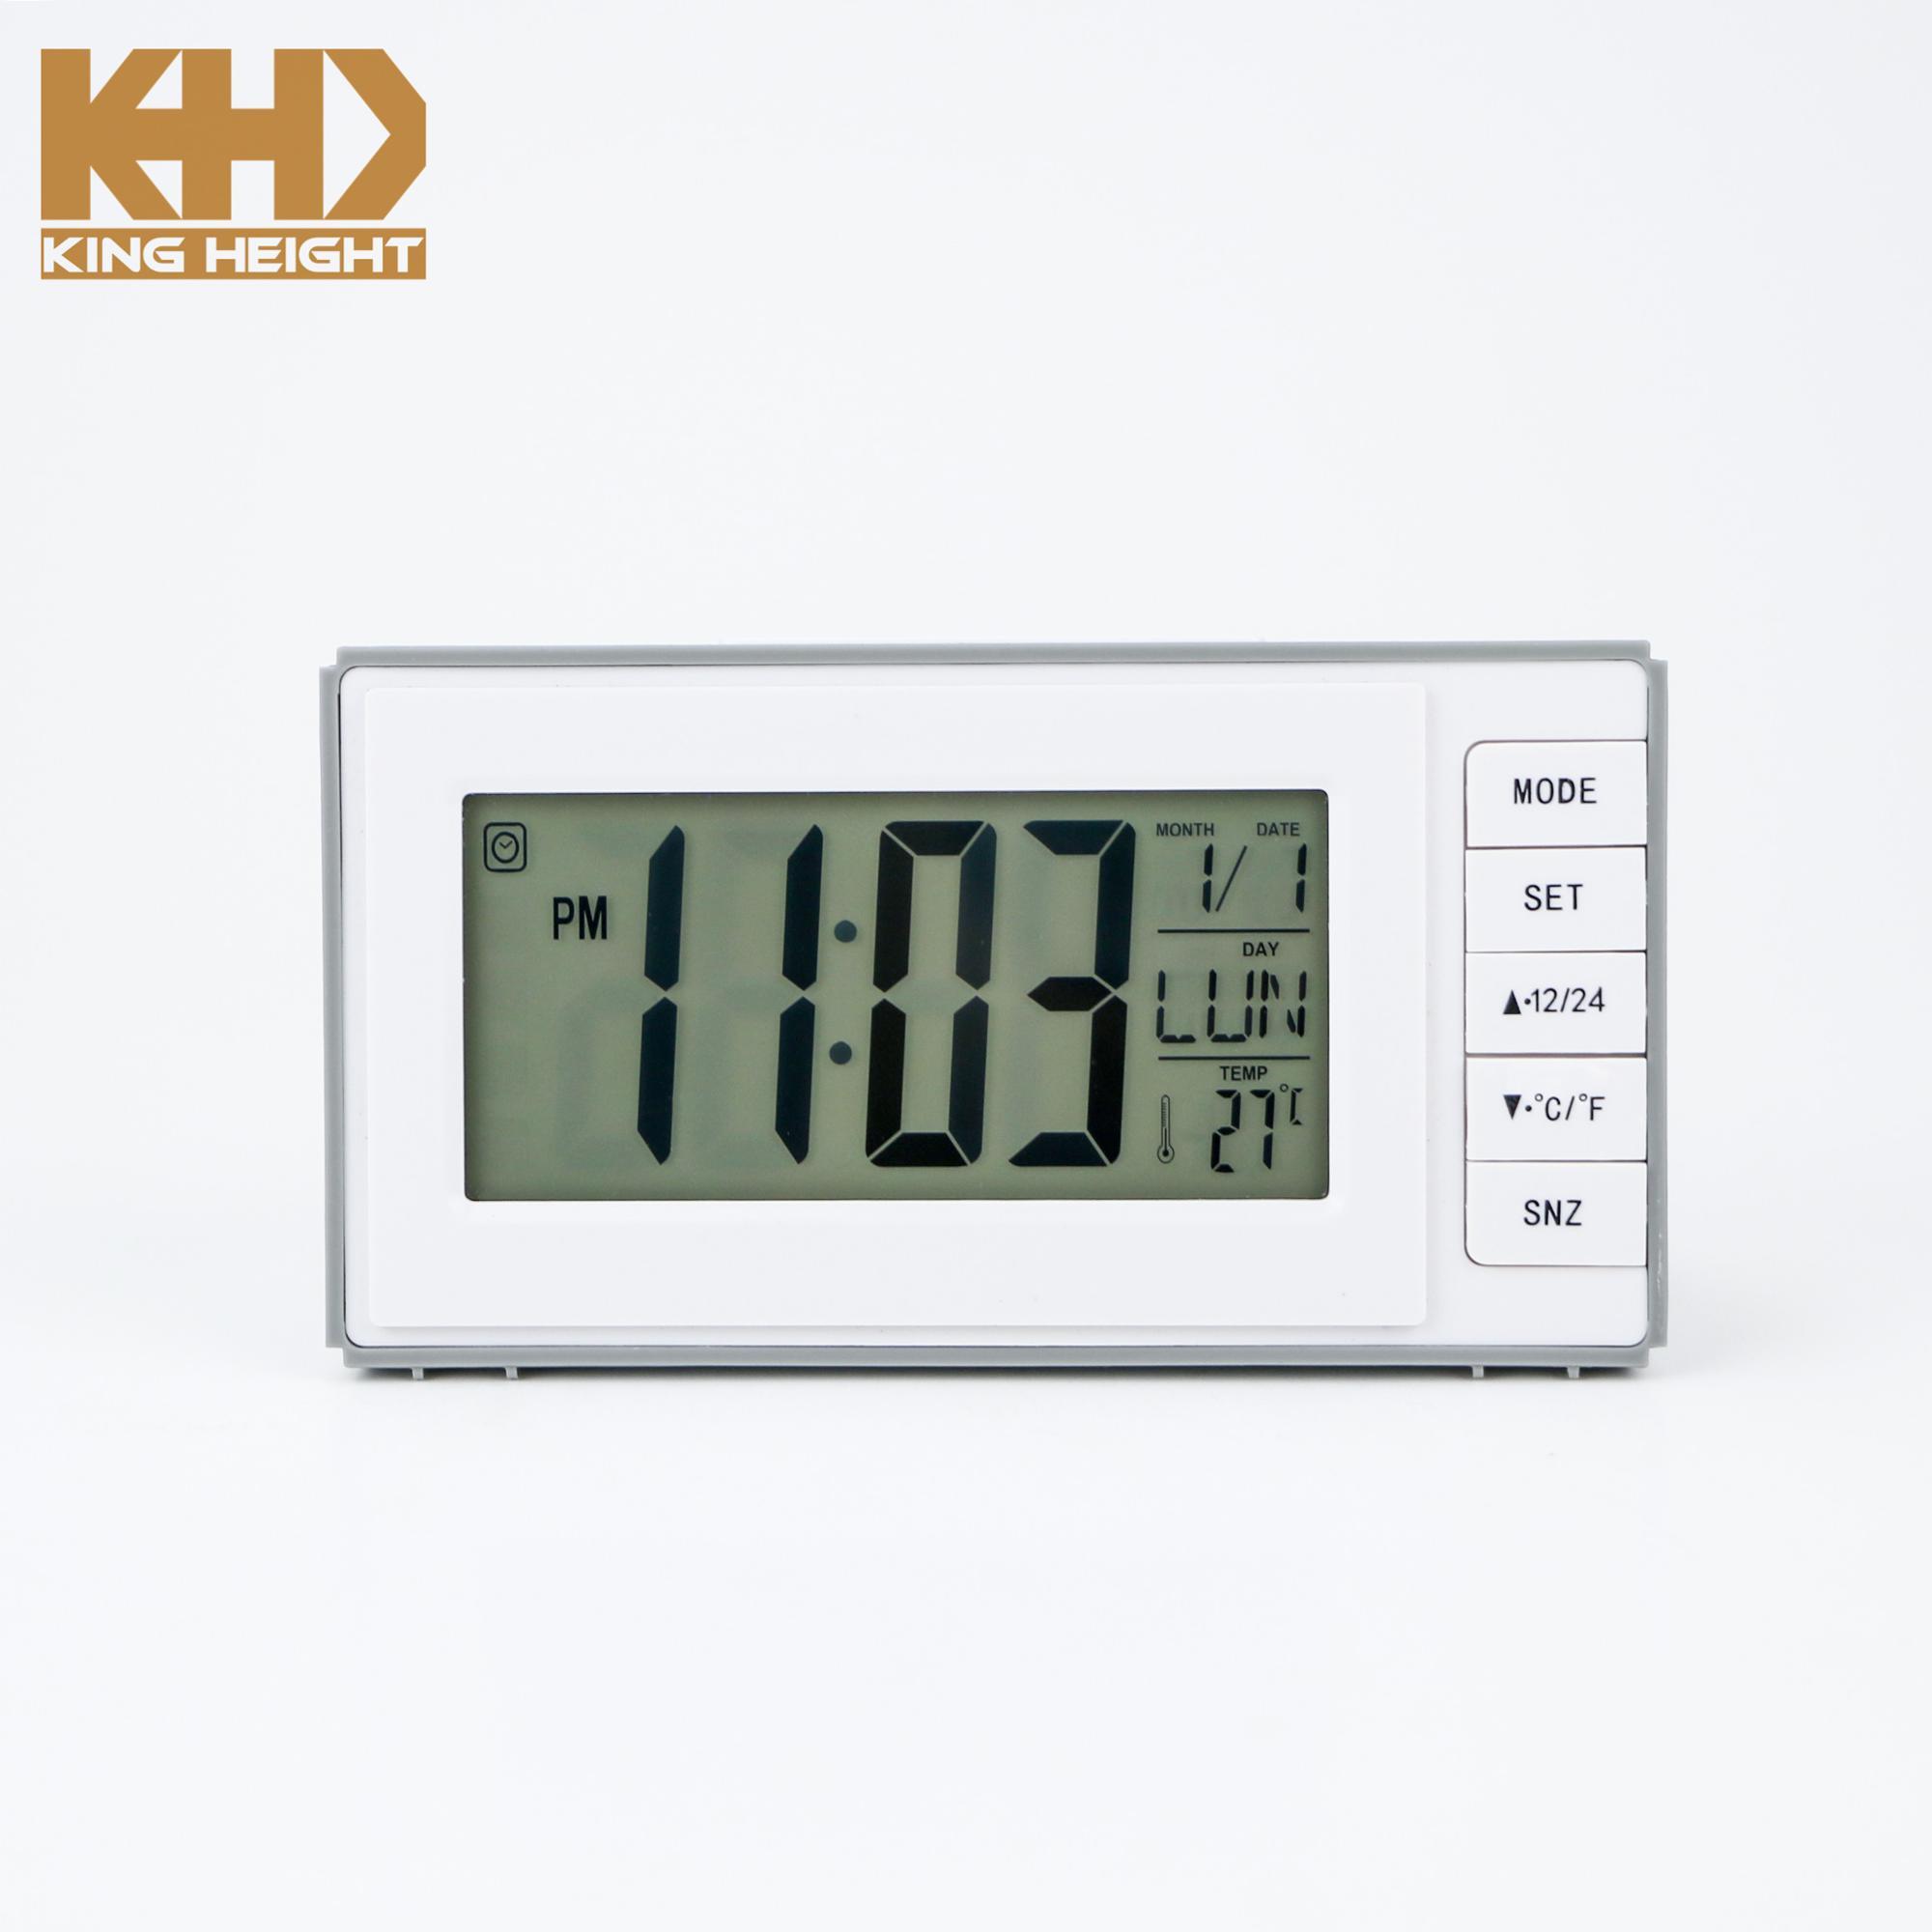 24 Timer Sound kh 0305 countdown timer novelty hotel digital desk